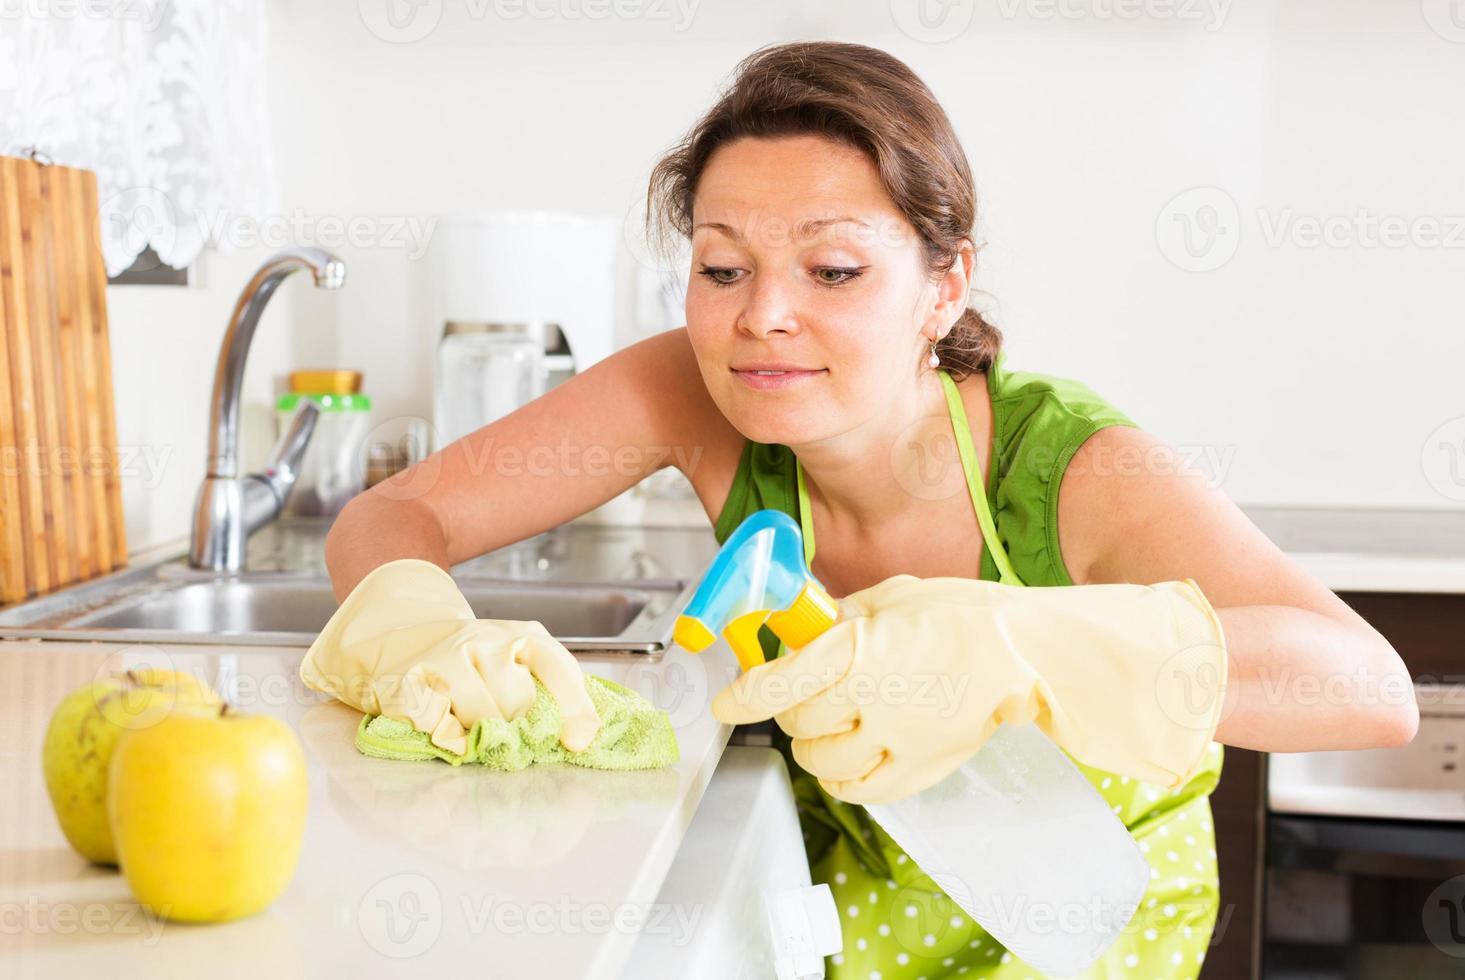 Hausfrau Putzmöbel in der Küche foto